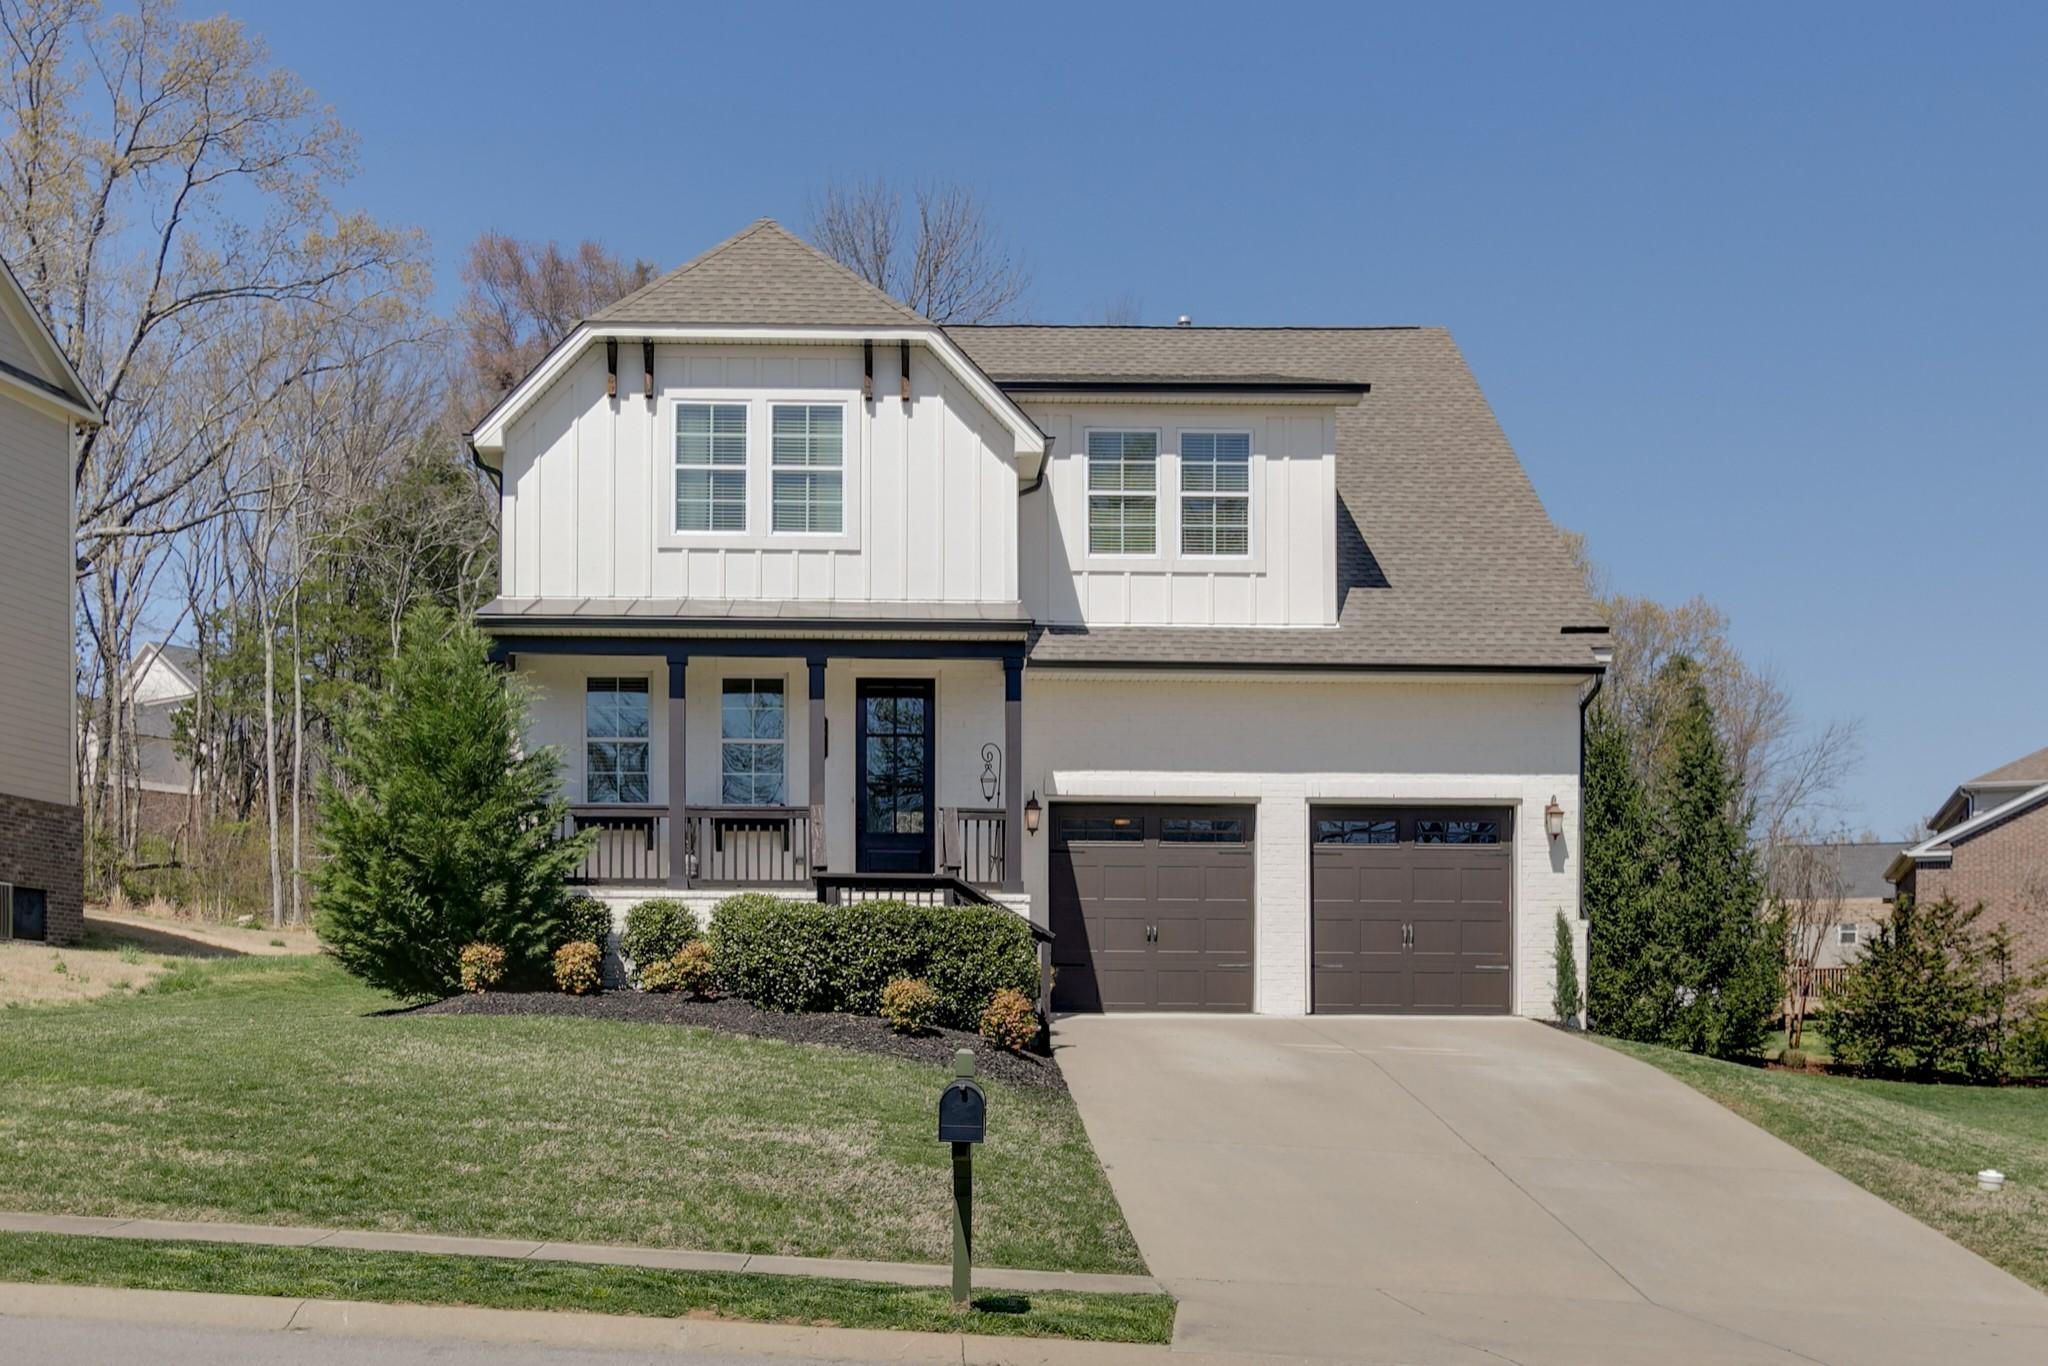 Bent Creek Ph 4 Sec 1a Real Estate Listings Main Image